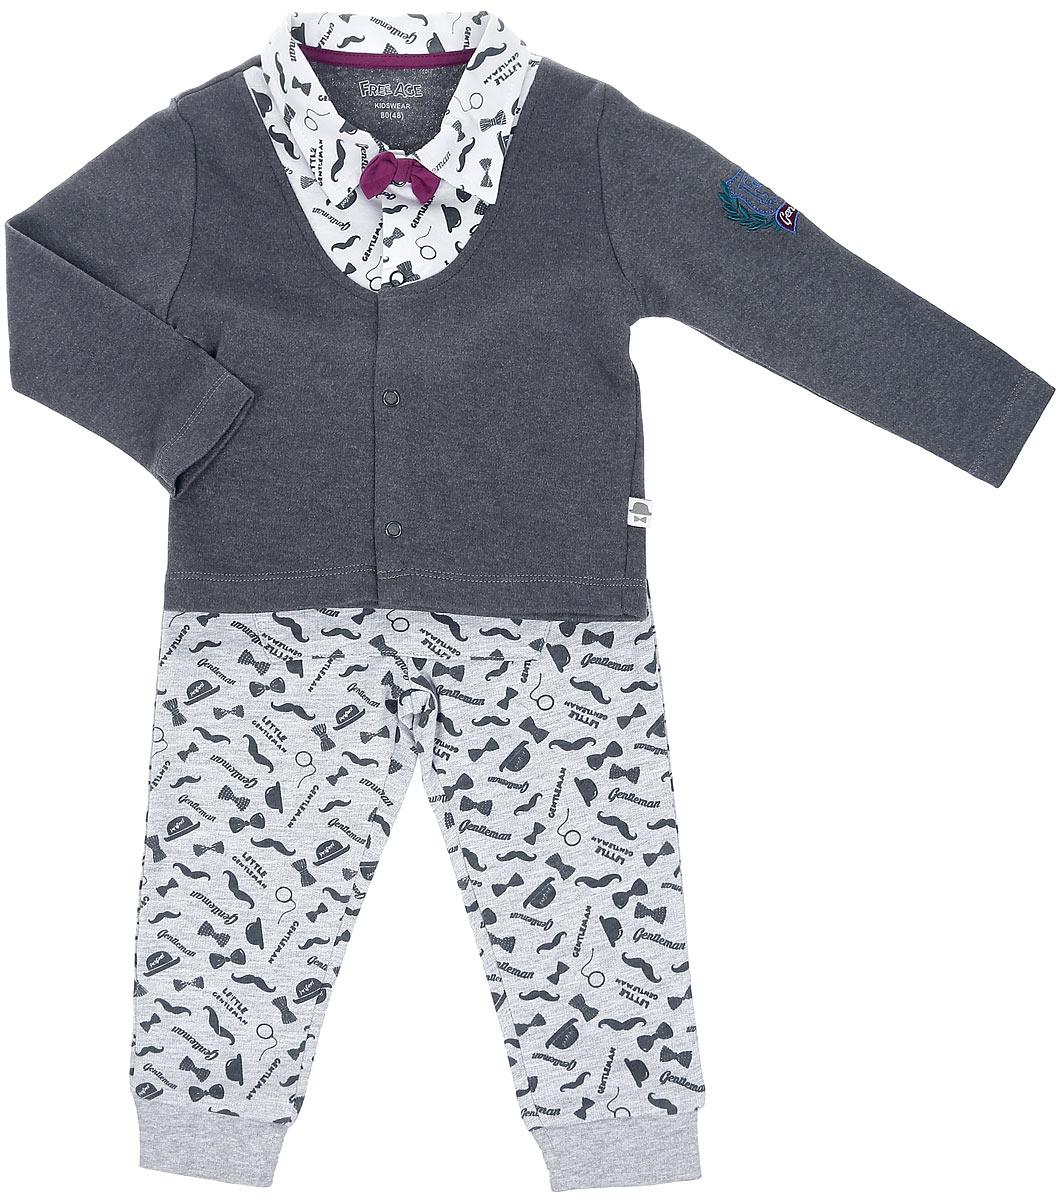 Комплект для мальчика: кофточка, брюки. ZBB 25332-GGW-0ZBB 25332-GGW-0Комплект одежды для мальчика Free Age станет отличным дополнением к детскому гардеробу. Он включает в себя кофточку и брюки. Комплект, изготовленный из натурального хлопка, мягкий, не раздражает нежную кожу ребенка и хорошо вентилируется, обеспечивая комфорт. Кофточка с отложным воротником и длинными рукавами застегивается спереди на металлические кнопки, что позволит легко переодеть малыша. Оформлена модель оригинальным принтом, украшена вышивкой и бантом, имитирующим галстук-бабочку. Брюки имеют на поясе широкую резинку с затягивающимся шнурком, благодаря чему они не сдавливают животик ребенка и не сползают. Спереди модель дополнена накладным карманом с металлическими застежками- кнопками. На брючинах предусмотрены мягкие манжеты. Оформлено изделие принтом. В таком комплекте ребенок всегда будет в центре внимания!